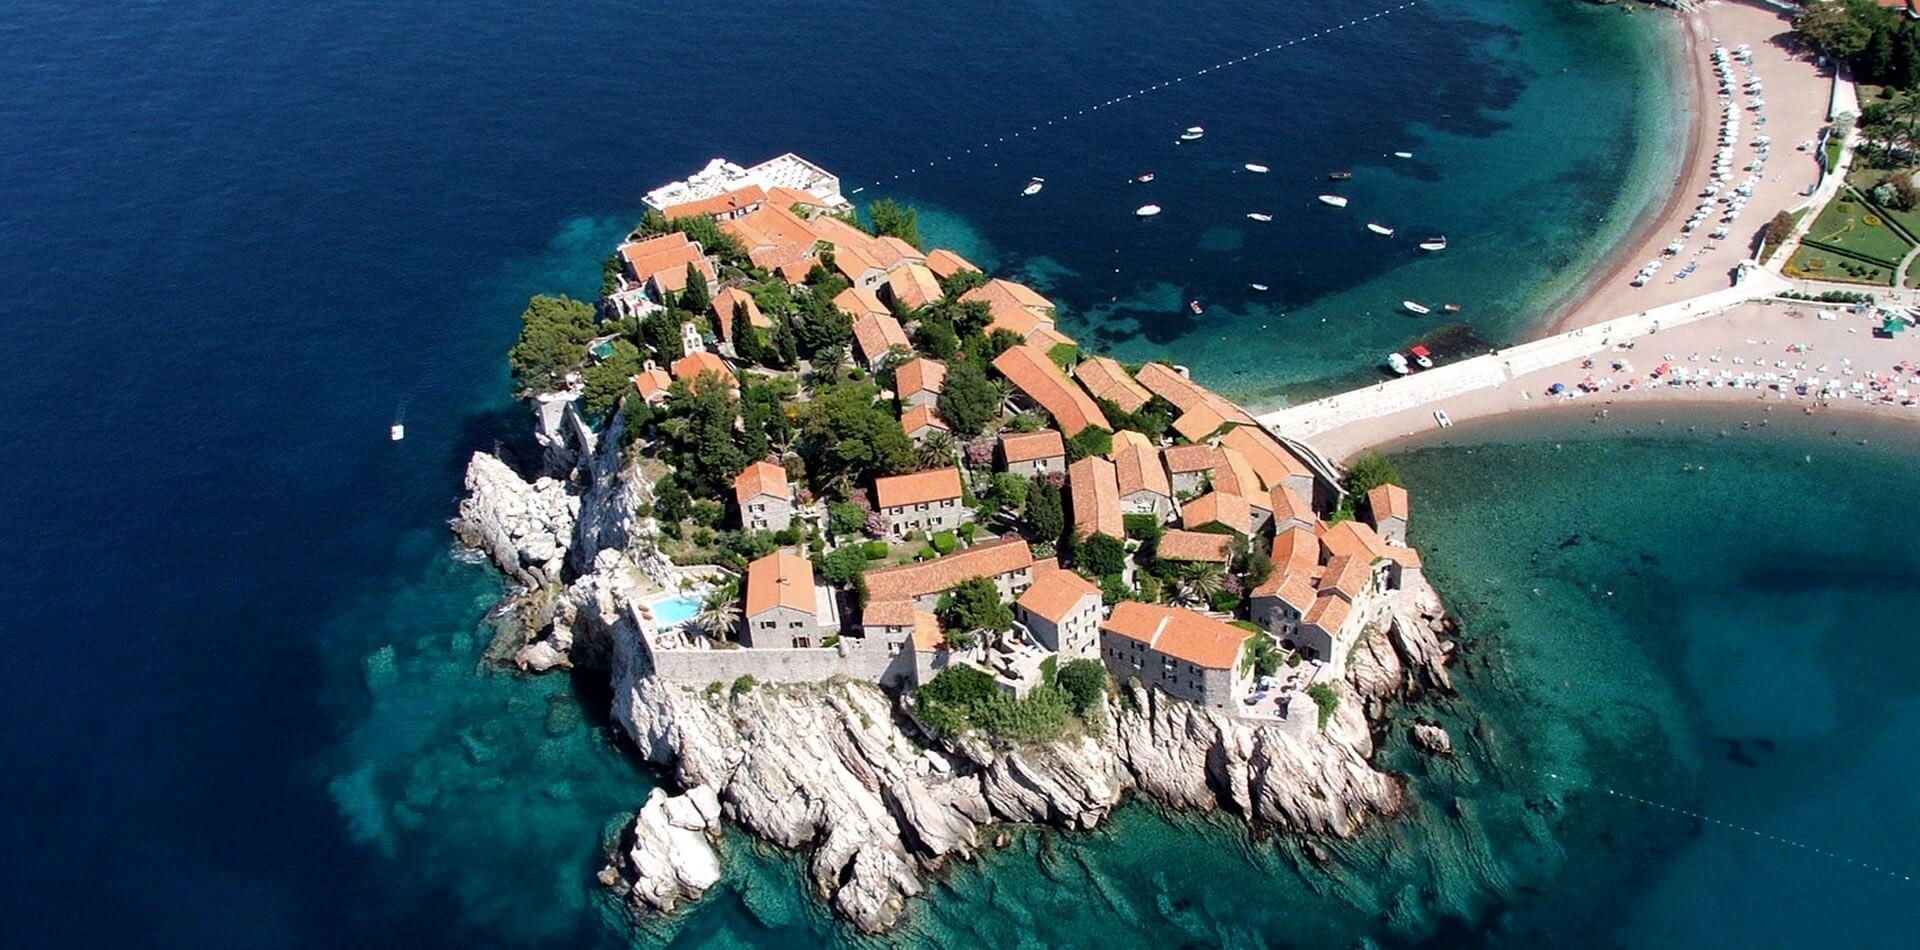 Элитный курорт Свети-Стефан в Черногории расположен на одноименном острове